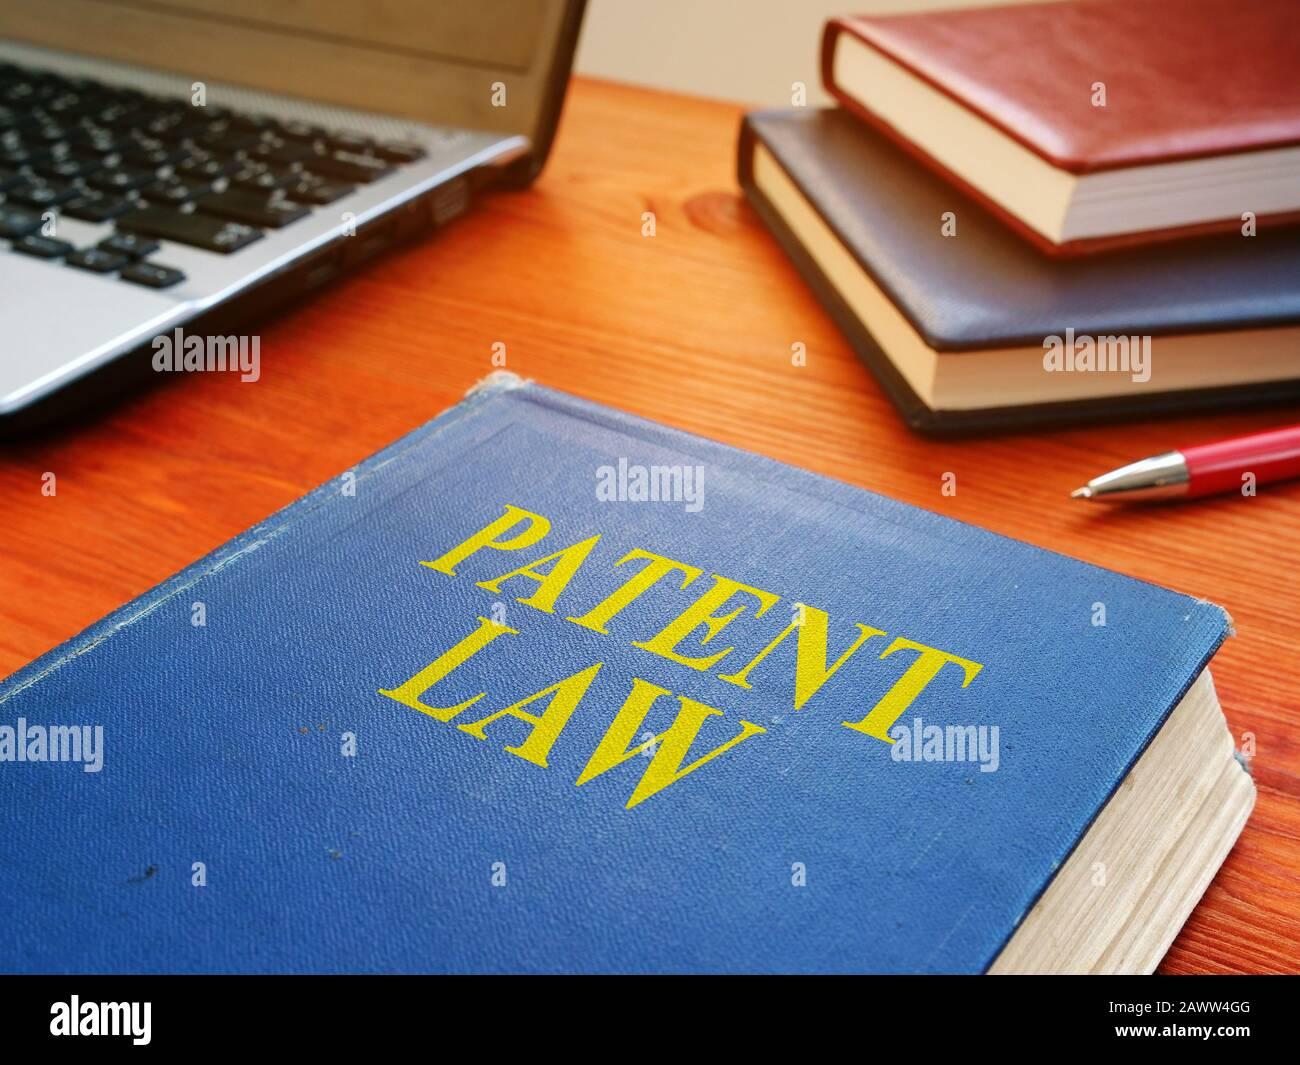 Libro de derecho de patentes sobre propiedad intelectual en el escritorio. Foto de stock